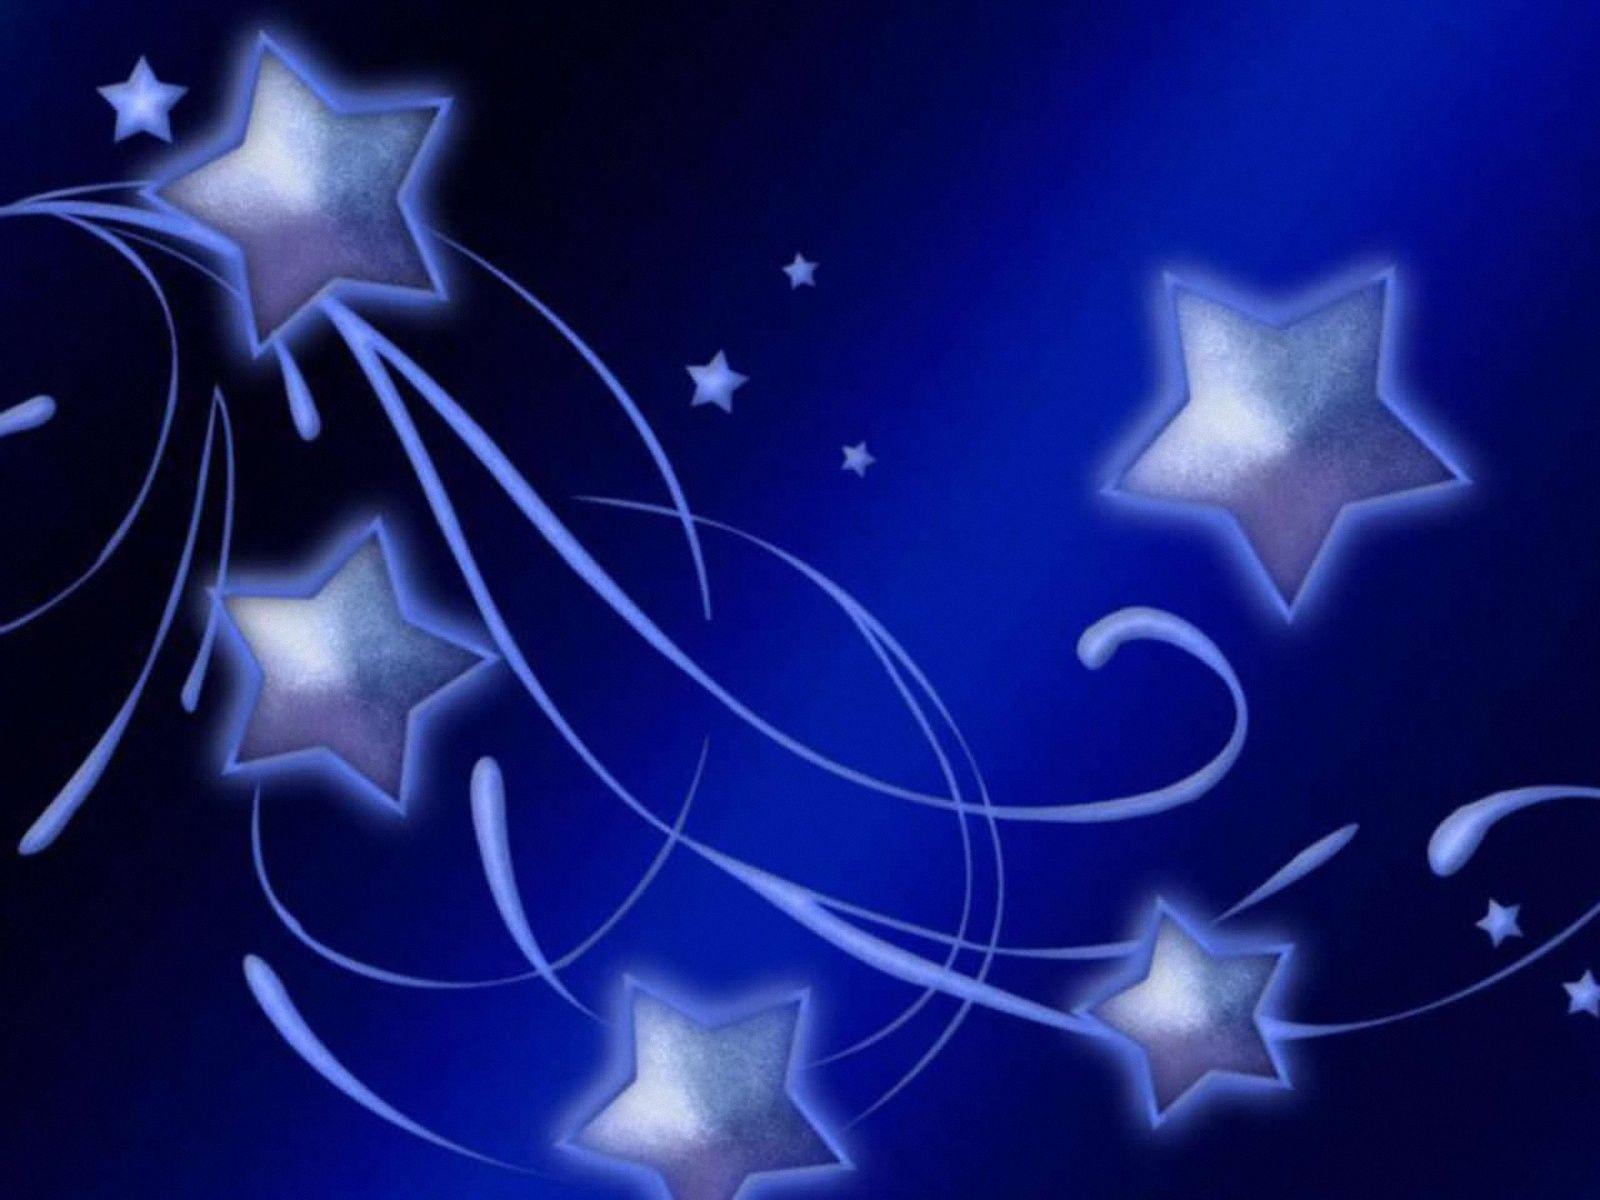 Fondos De Corazones Y Estrellas: Magia De Estrellas Pictures